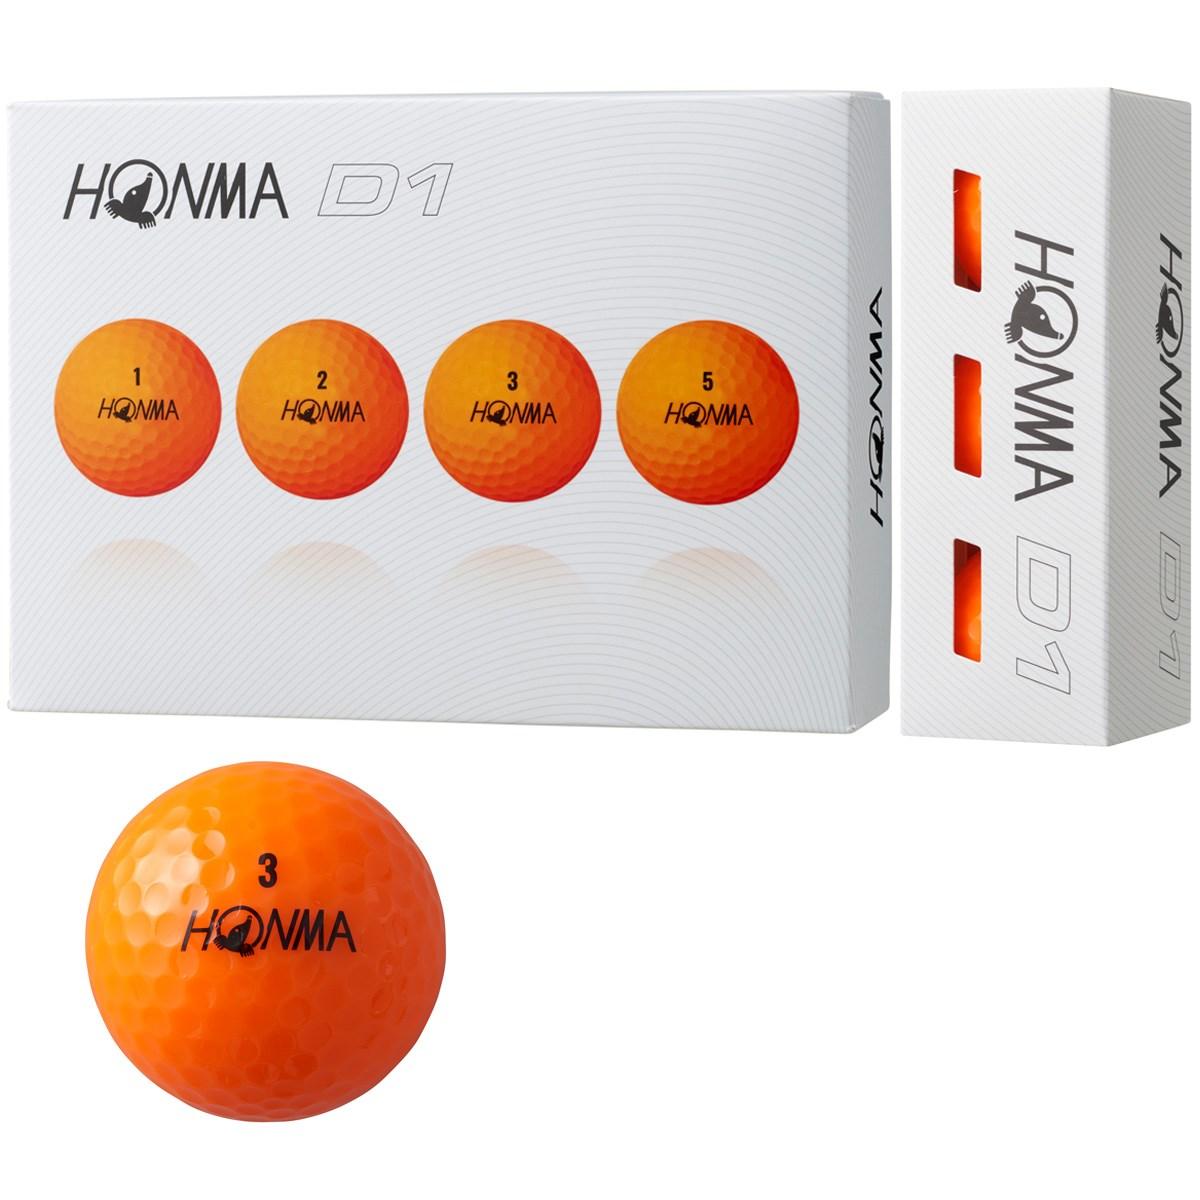 本間ゴルフ HONMA D1 ボール 2018年モデル 50ダースセット 50ダース(600個入り) オレンジ